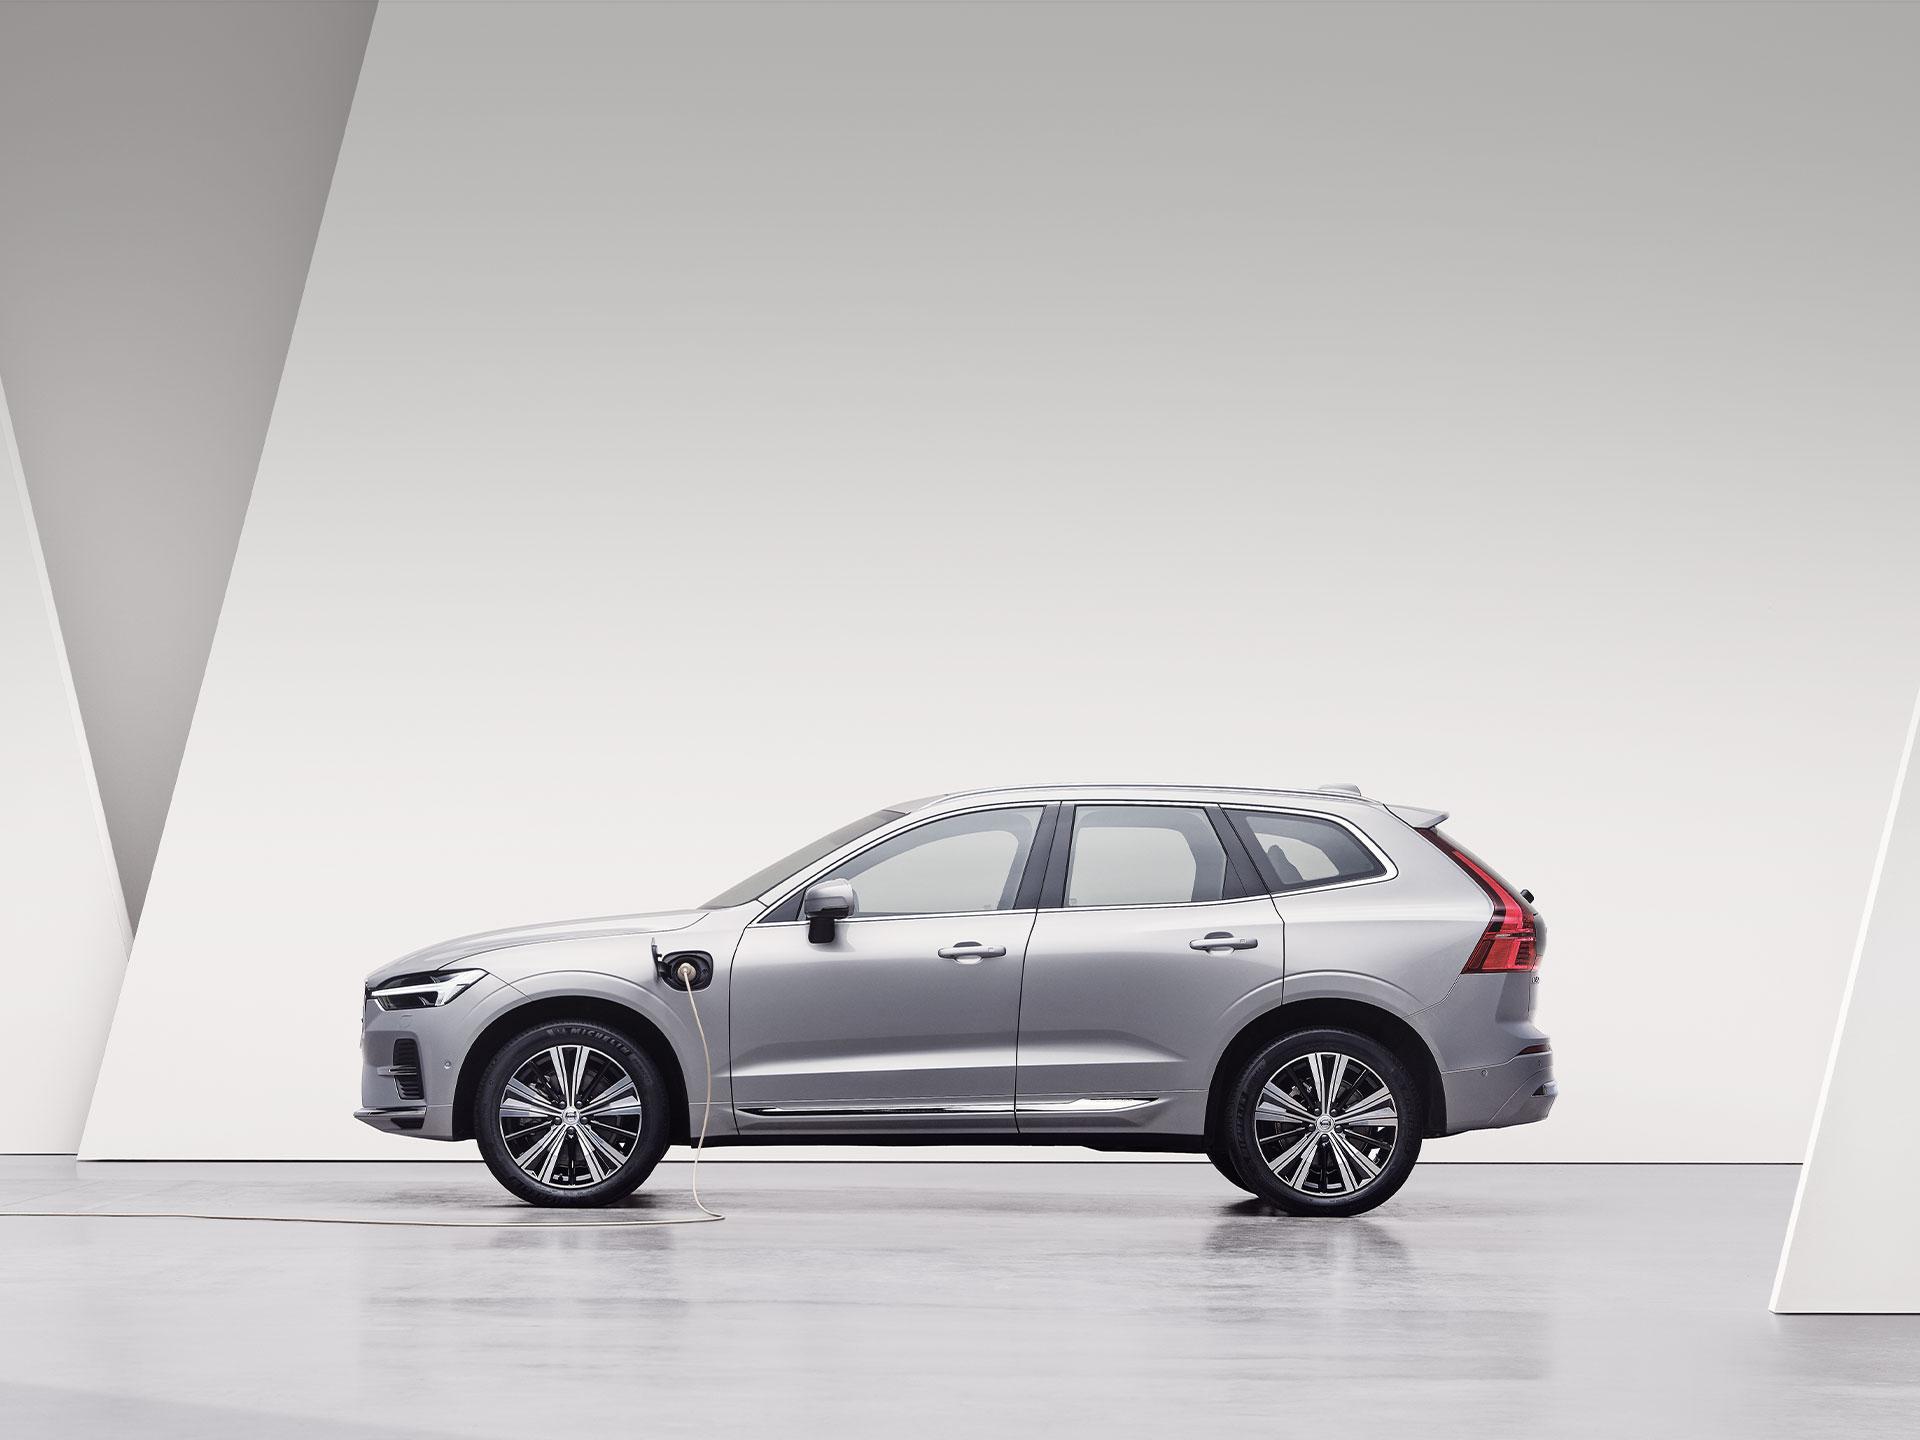 Un Volvo XC60 Recharge argintiu, încărcându-se într-un spațiu de culoare albă.